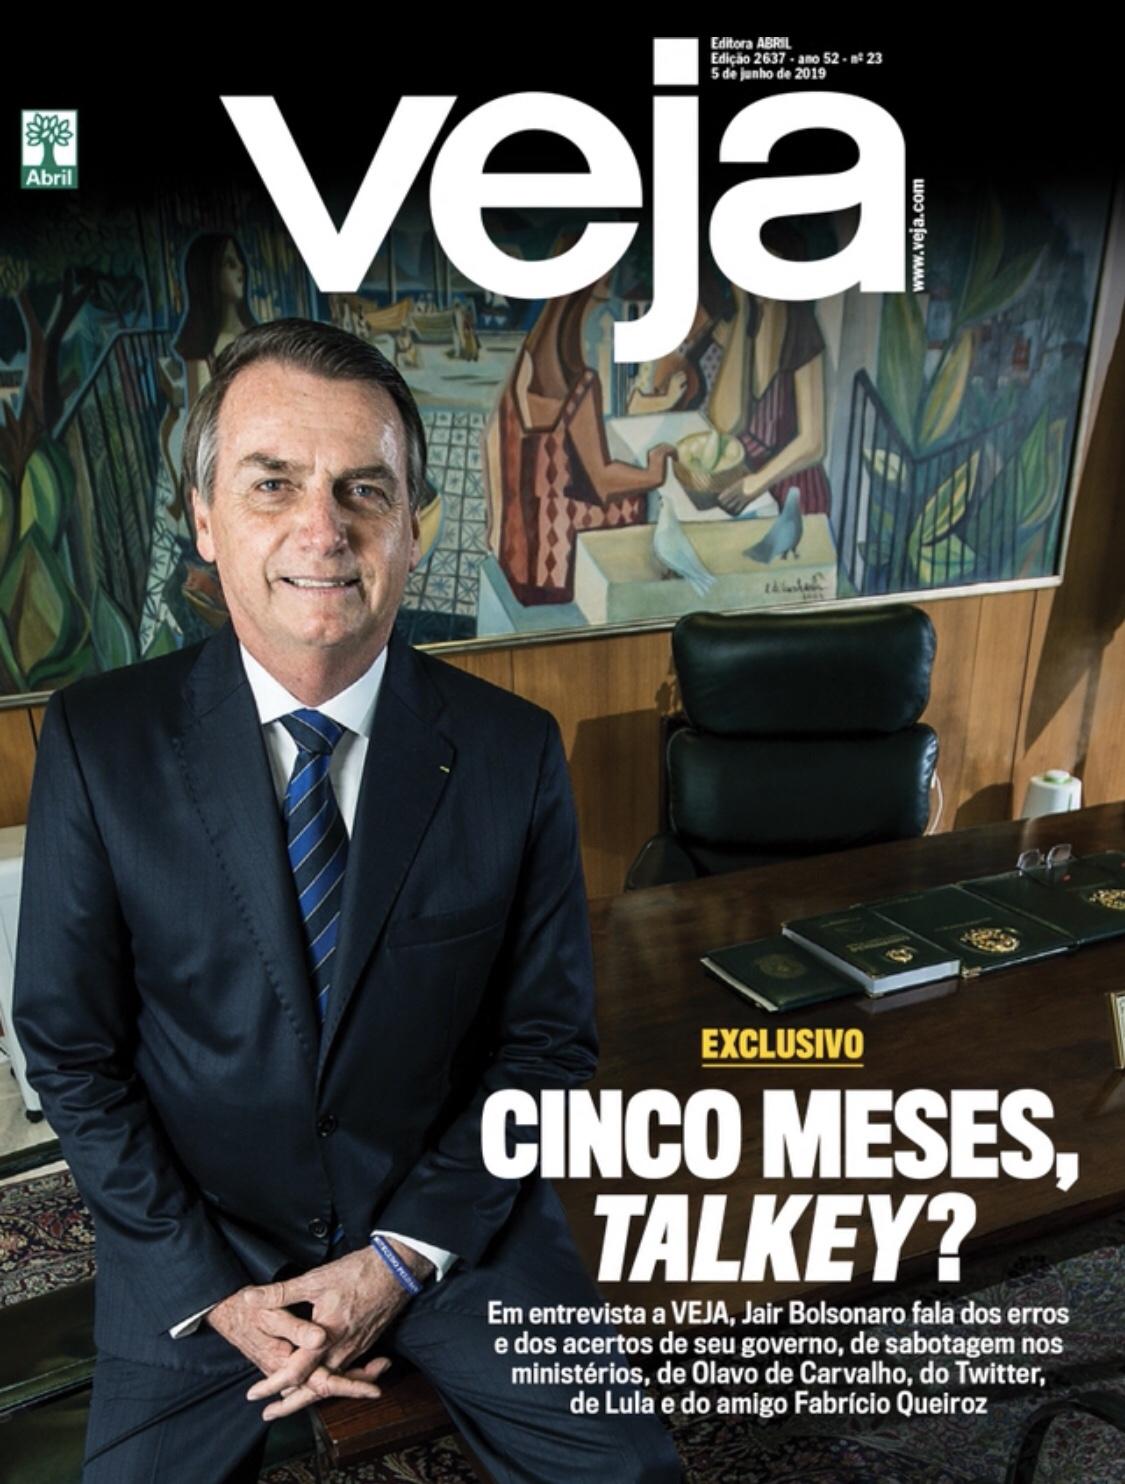 sello Imperio título  Revista Veja publica entrevista exclusiva com o Presidente Jair Bolsonaro -  Tribuna de Noticias